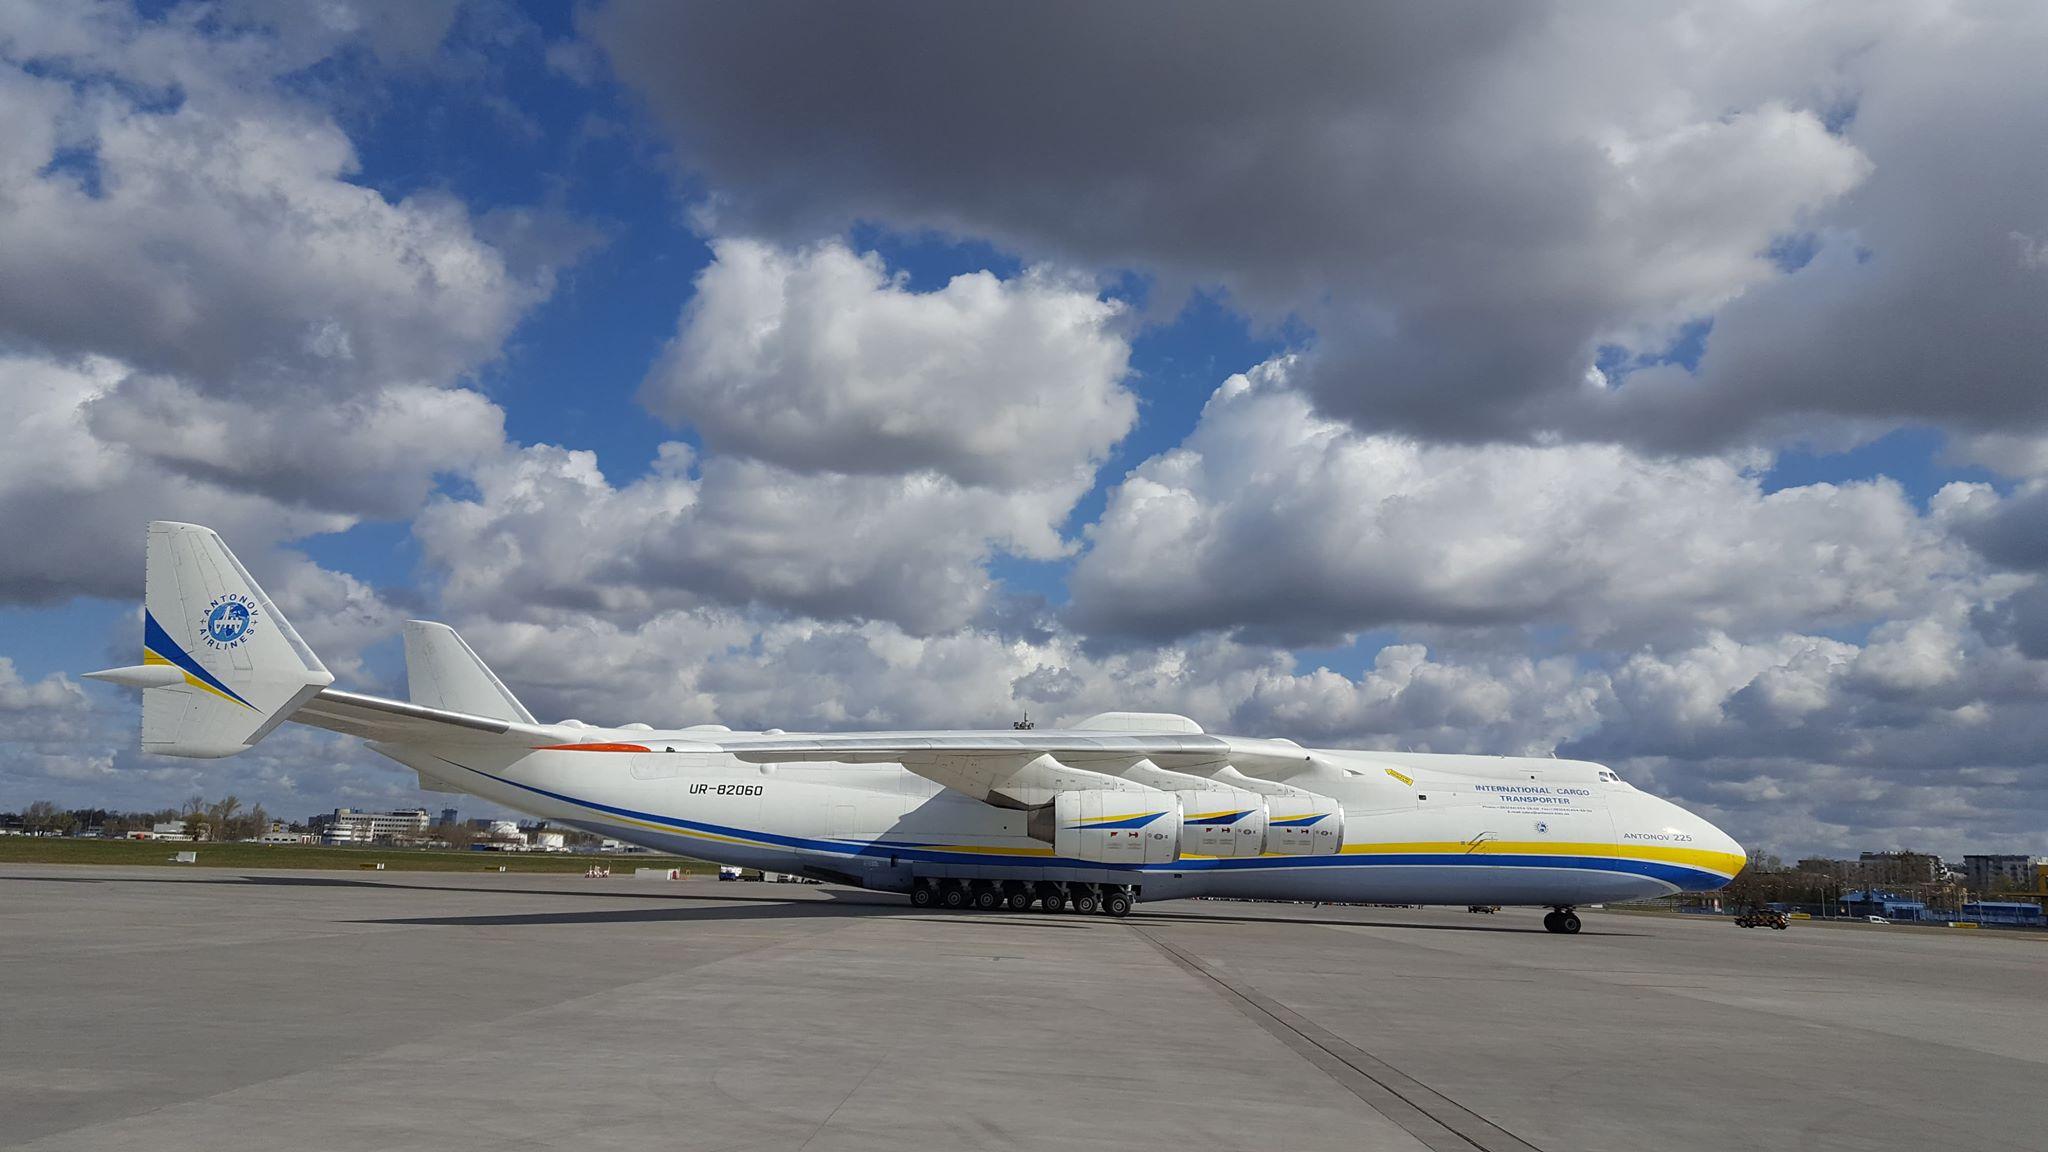 Samolot_14042020 1